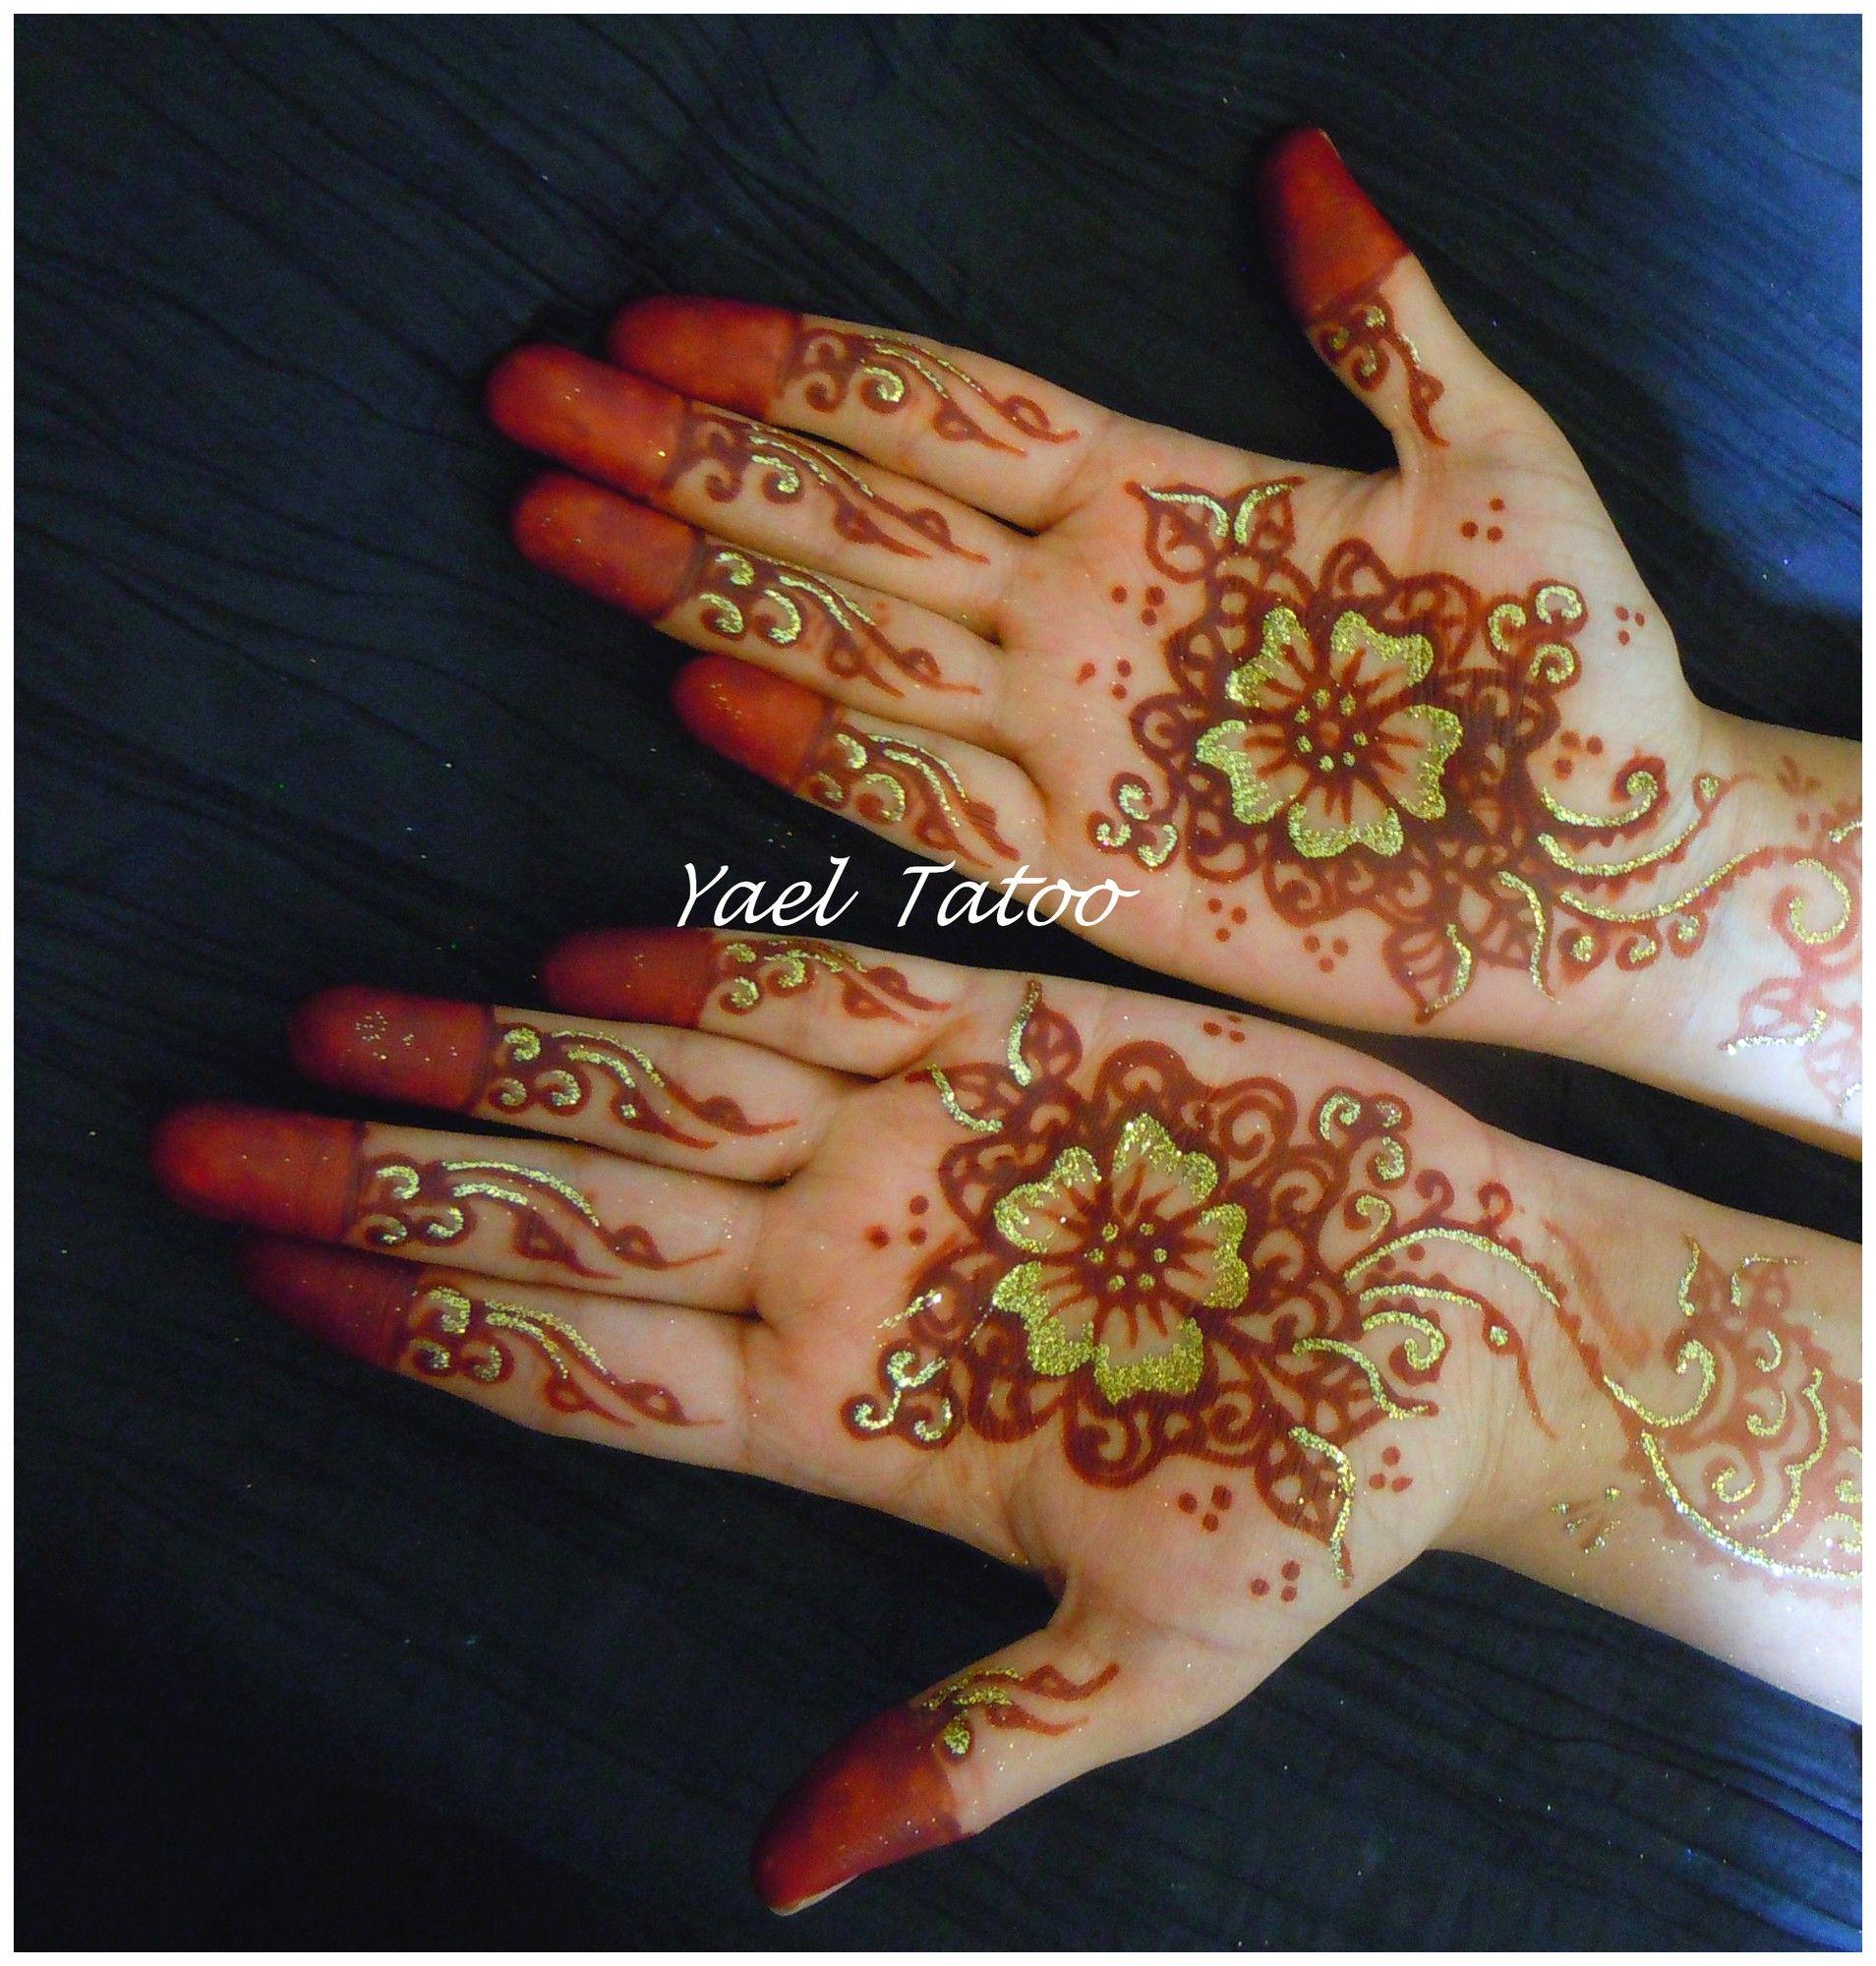 Henne Illumine De Paillettes Par Yael Le Henne Version Elegance 0620147095 Paillettes Paris Mariage Tatouage Tatoo Henne